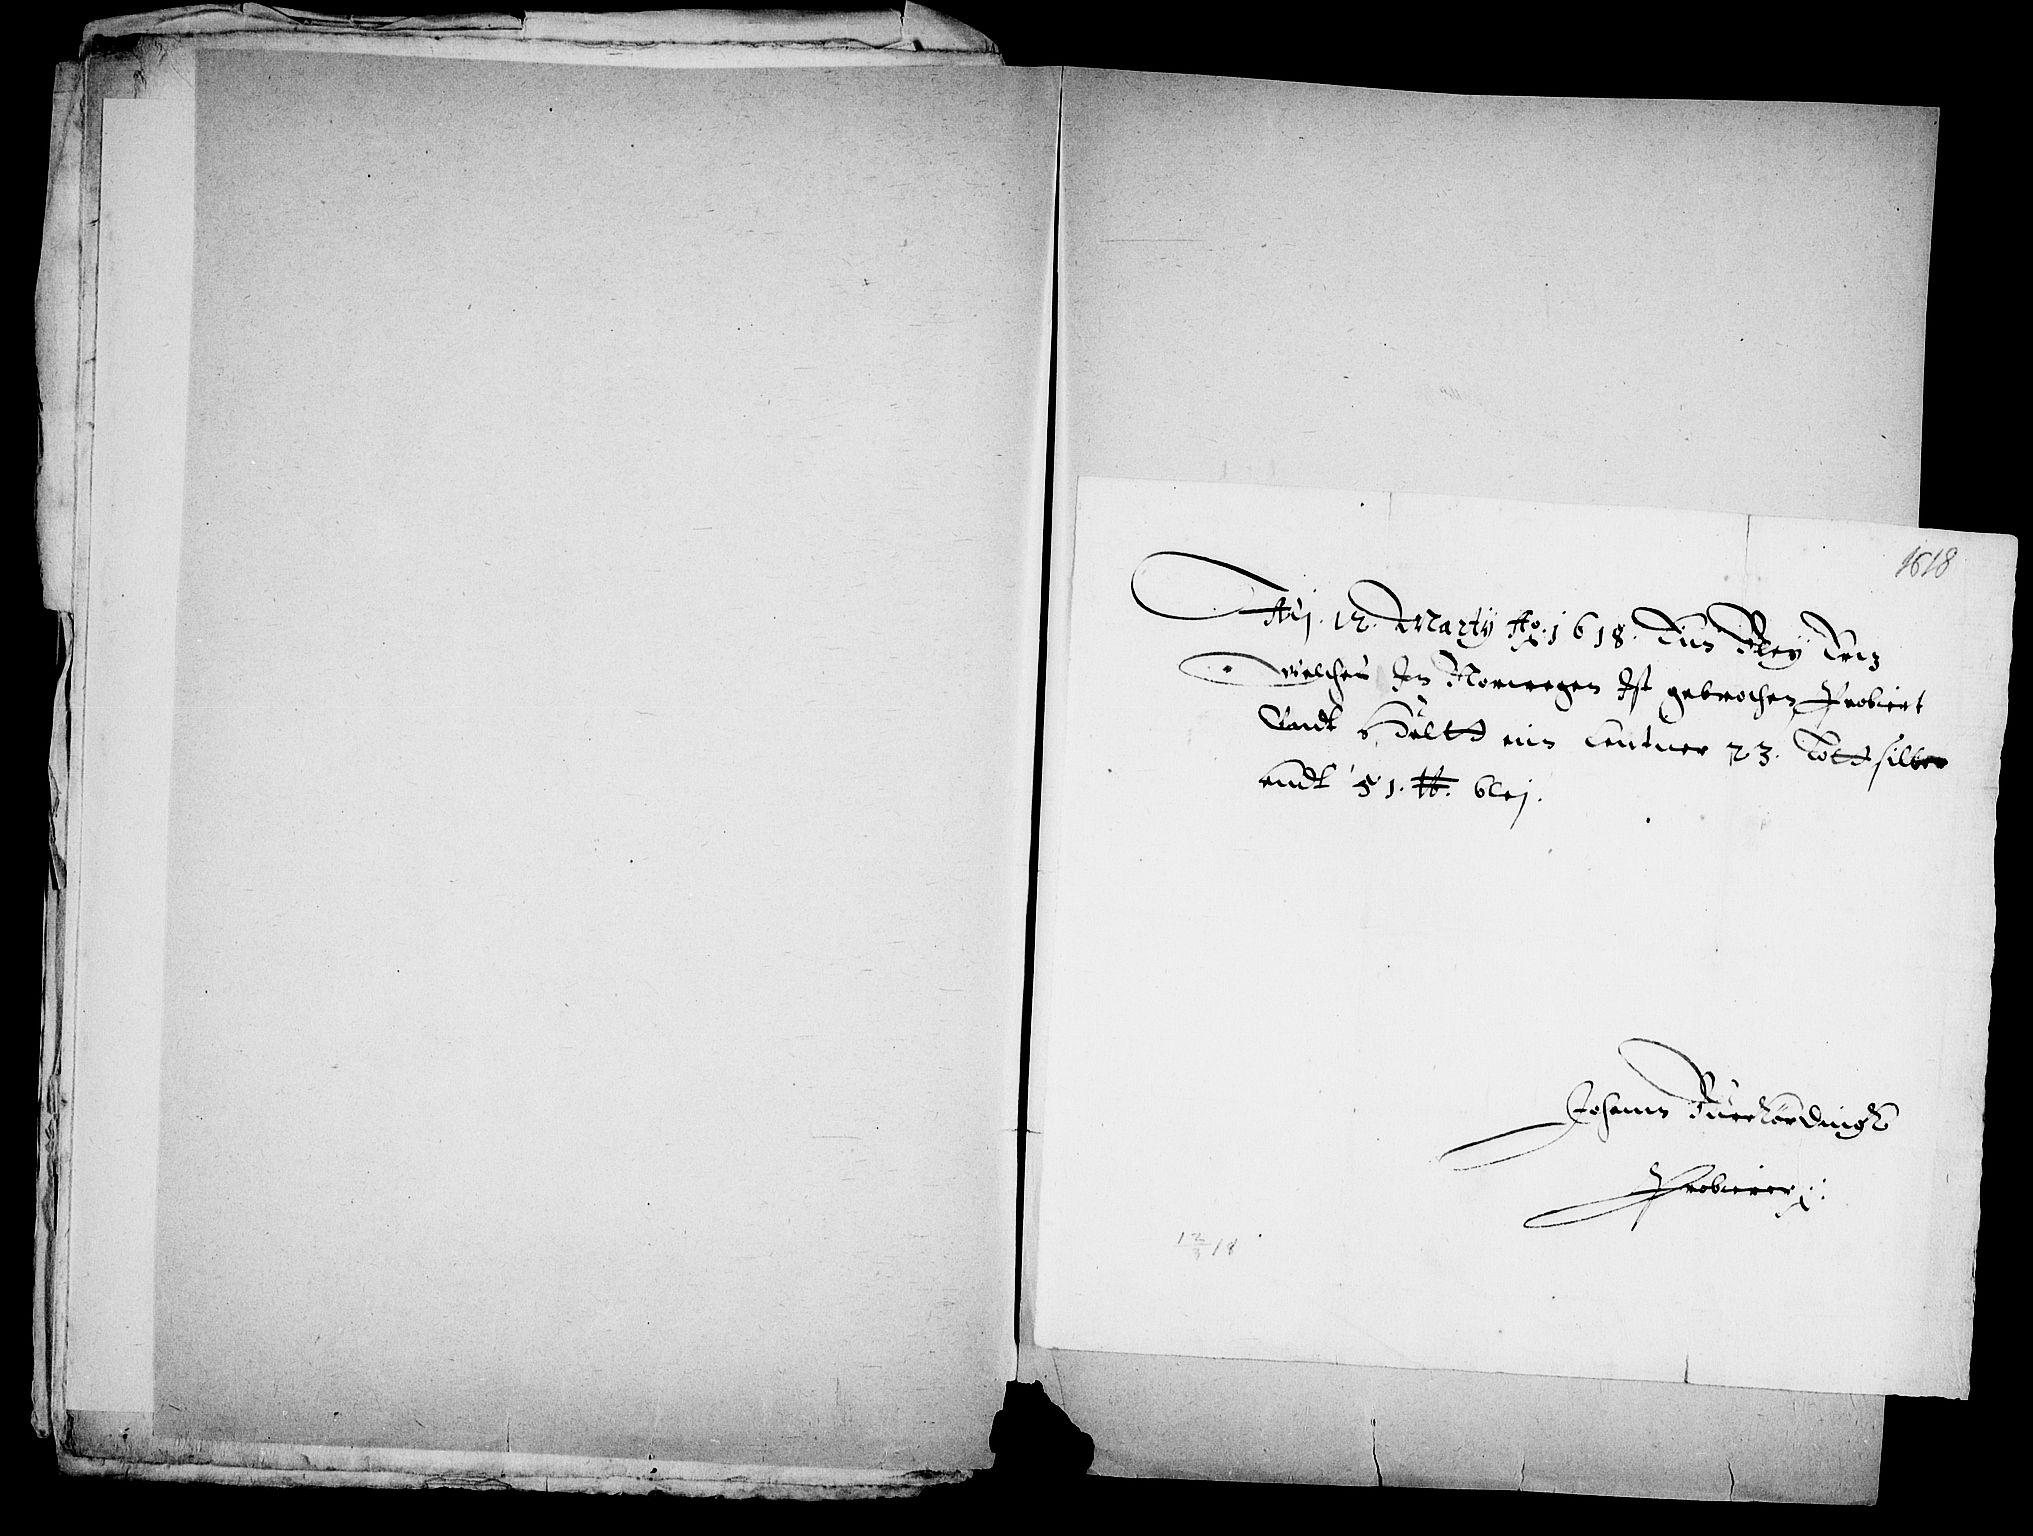 RA, Danske Kanselli, Skapsaker, G/L0019: Tillegg til skapsakene, 1616-1753, s. 187